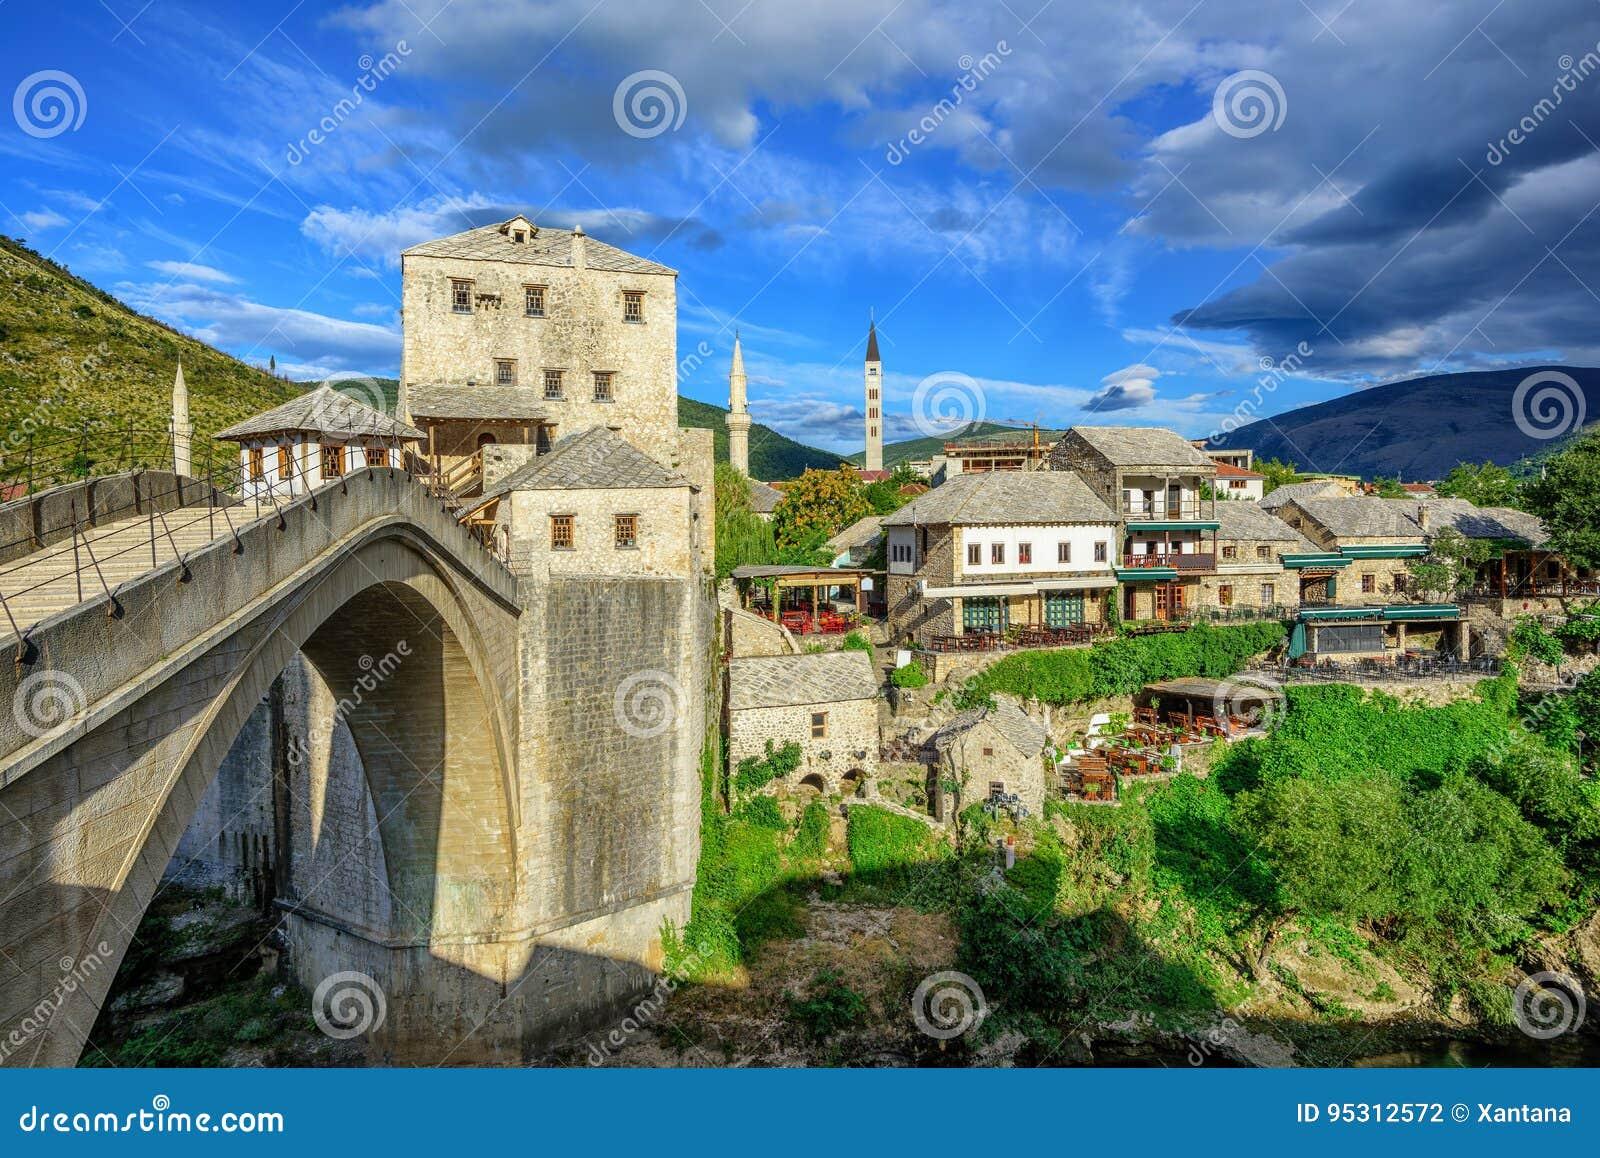 Stary miasteczko i most w Mostar, Bośnia i Herzegovina,